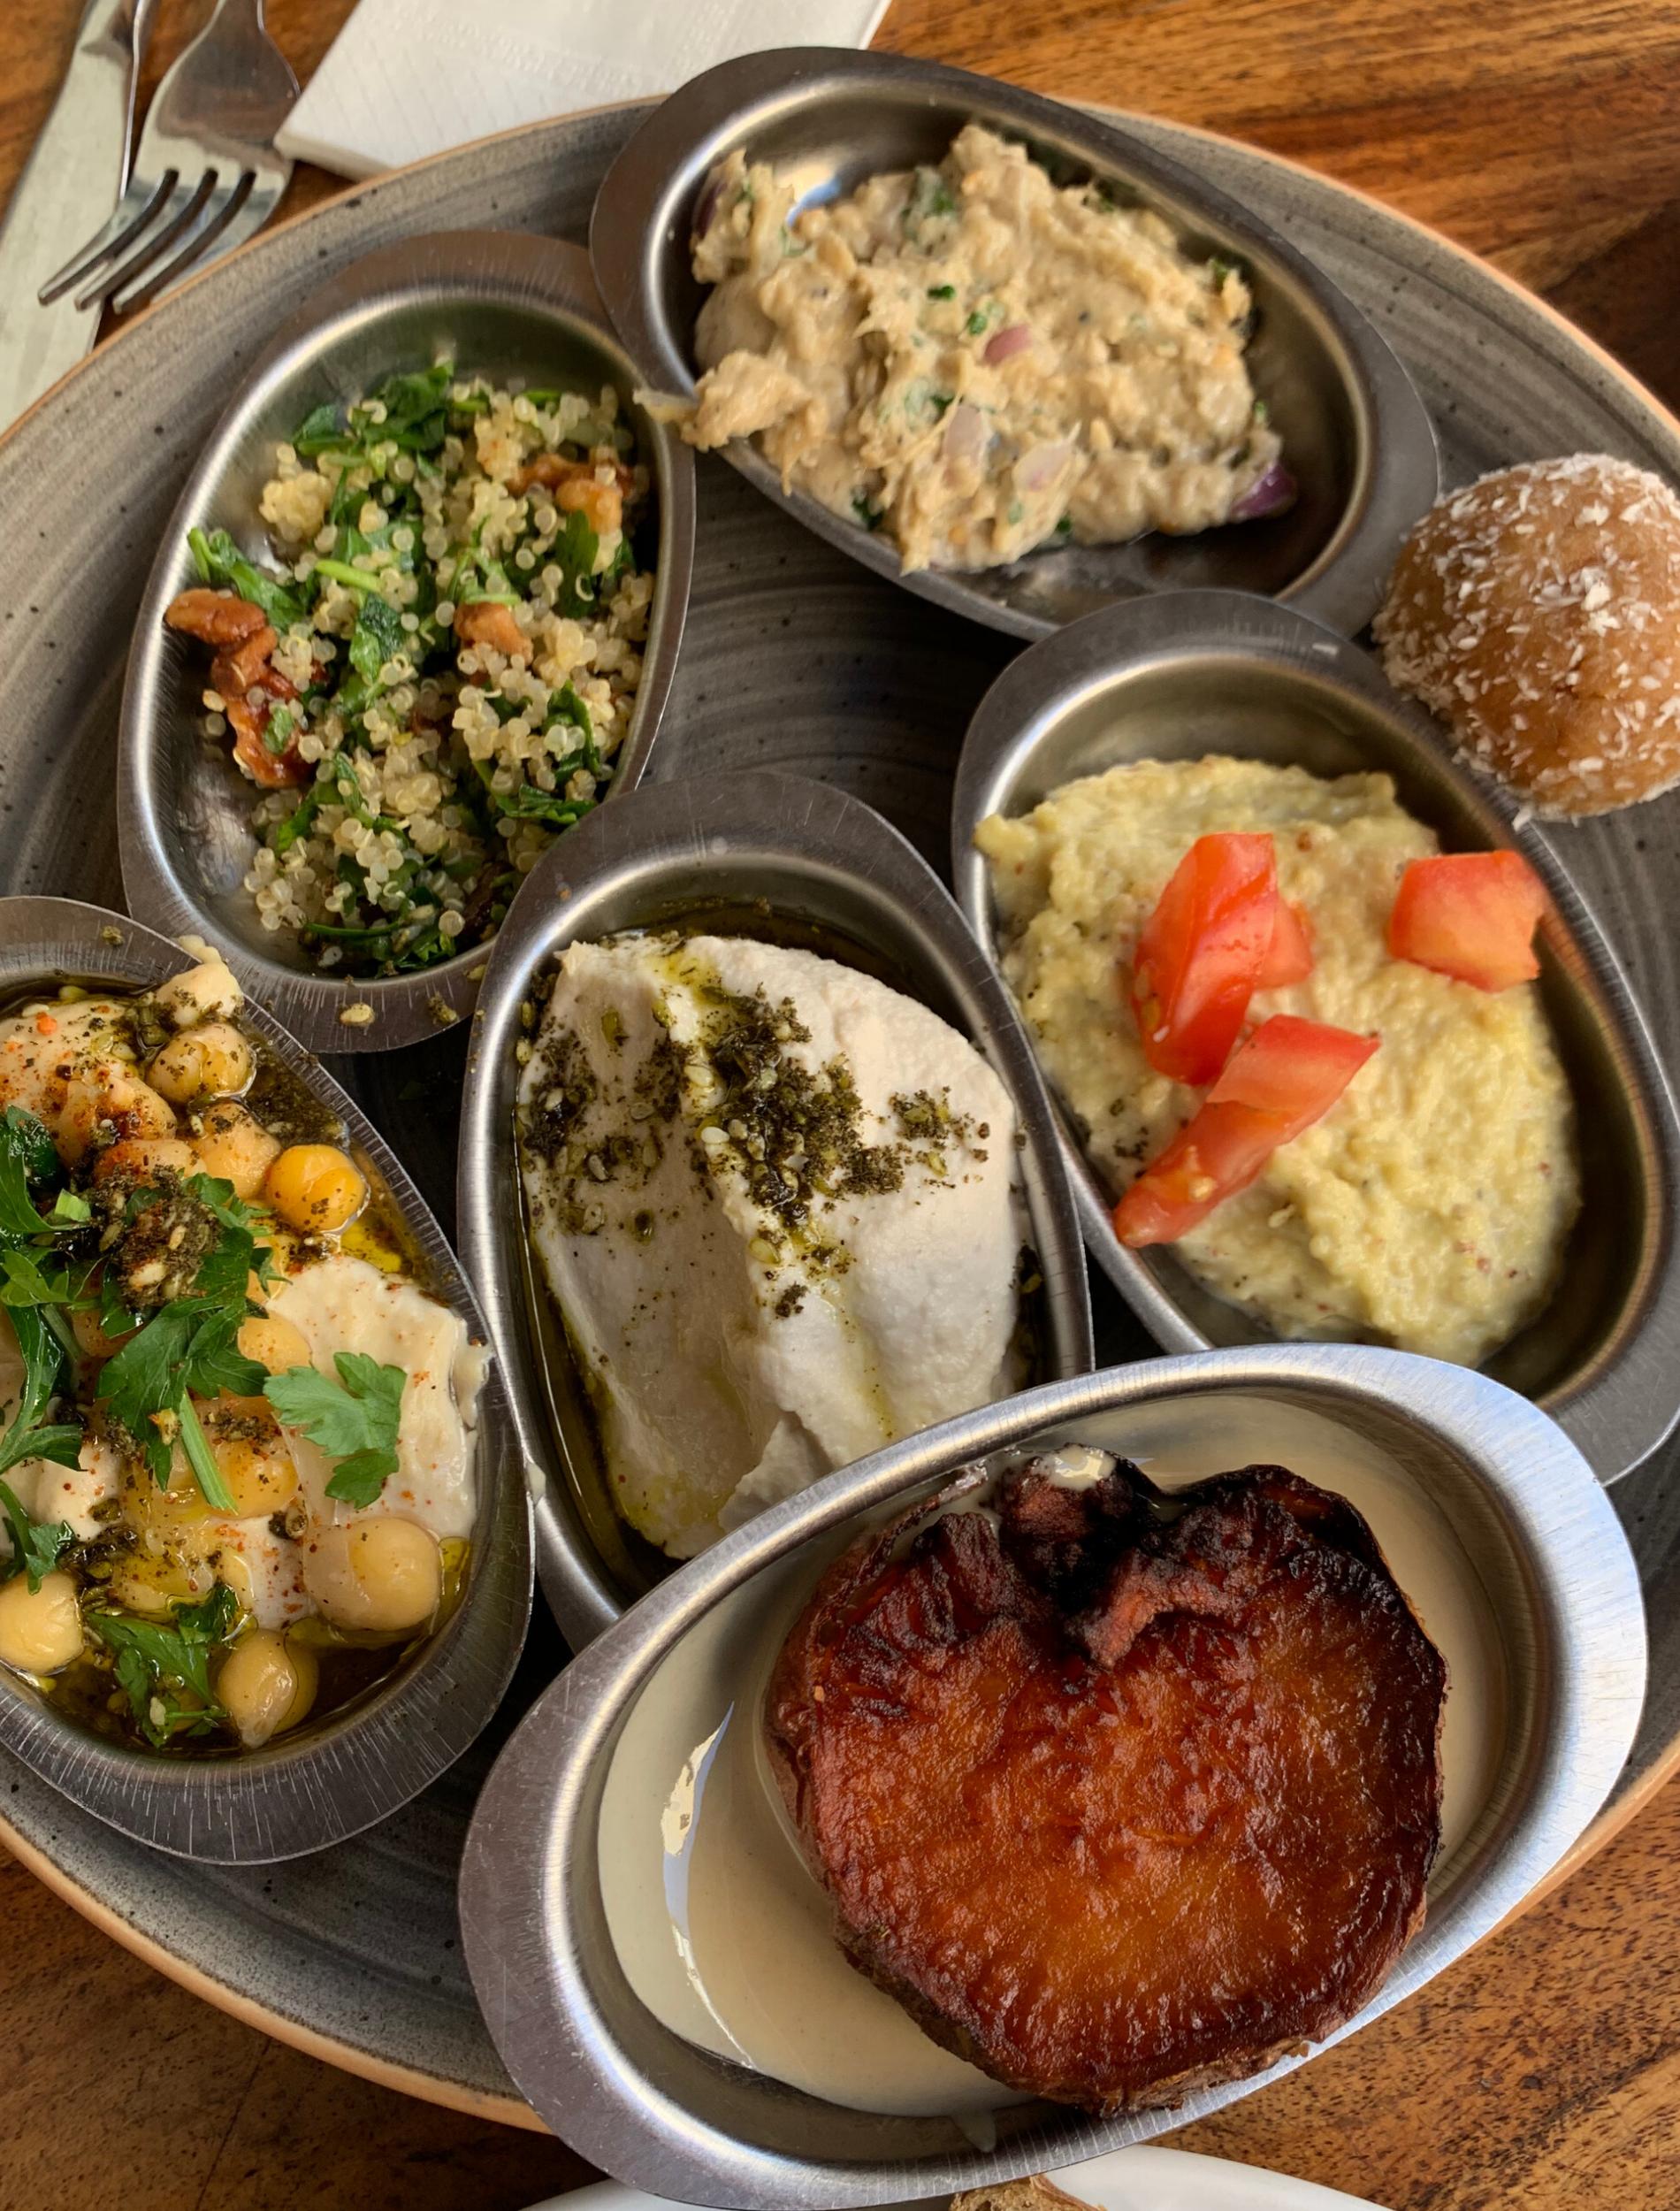 Israel style breakfast